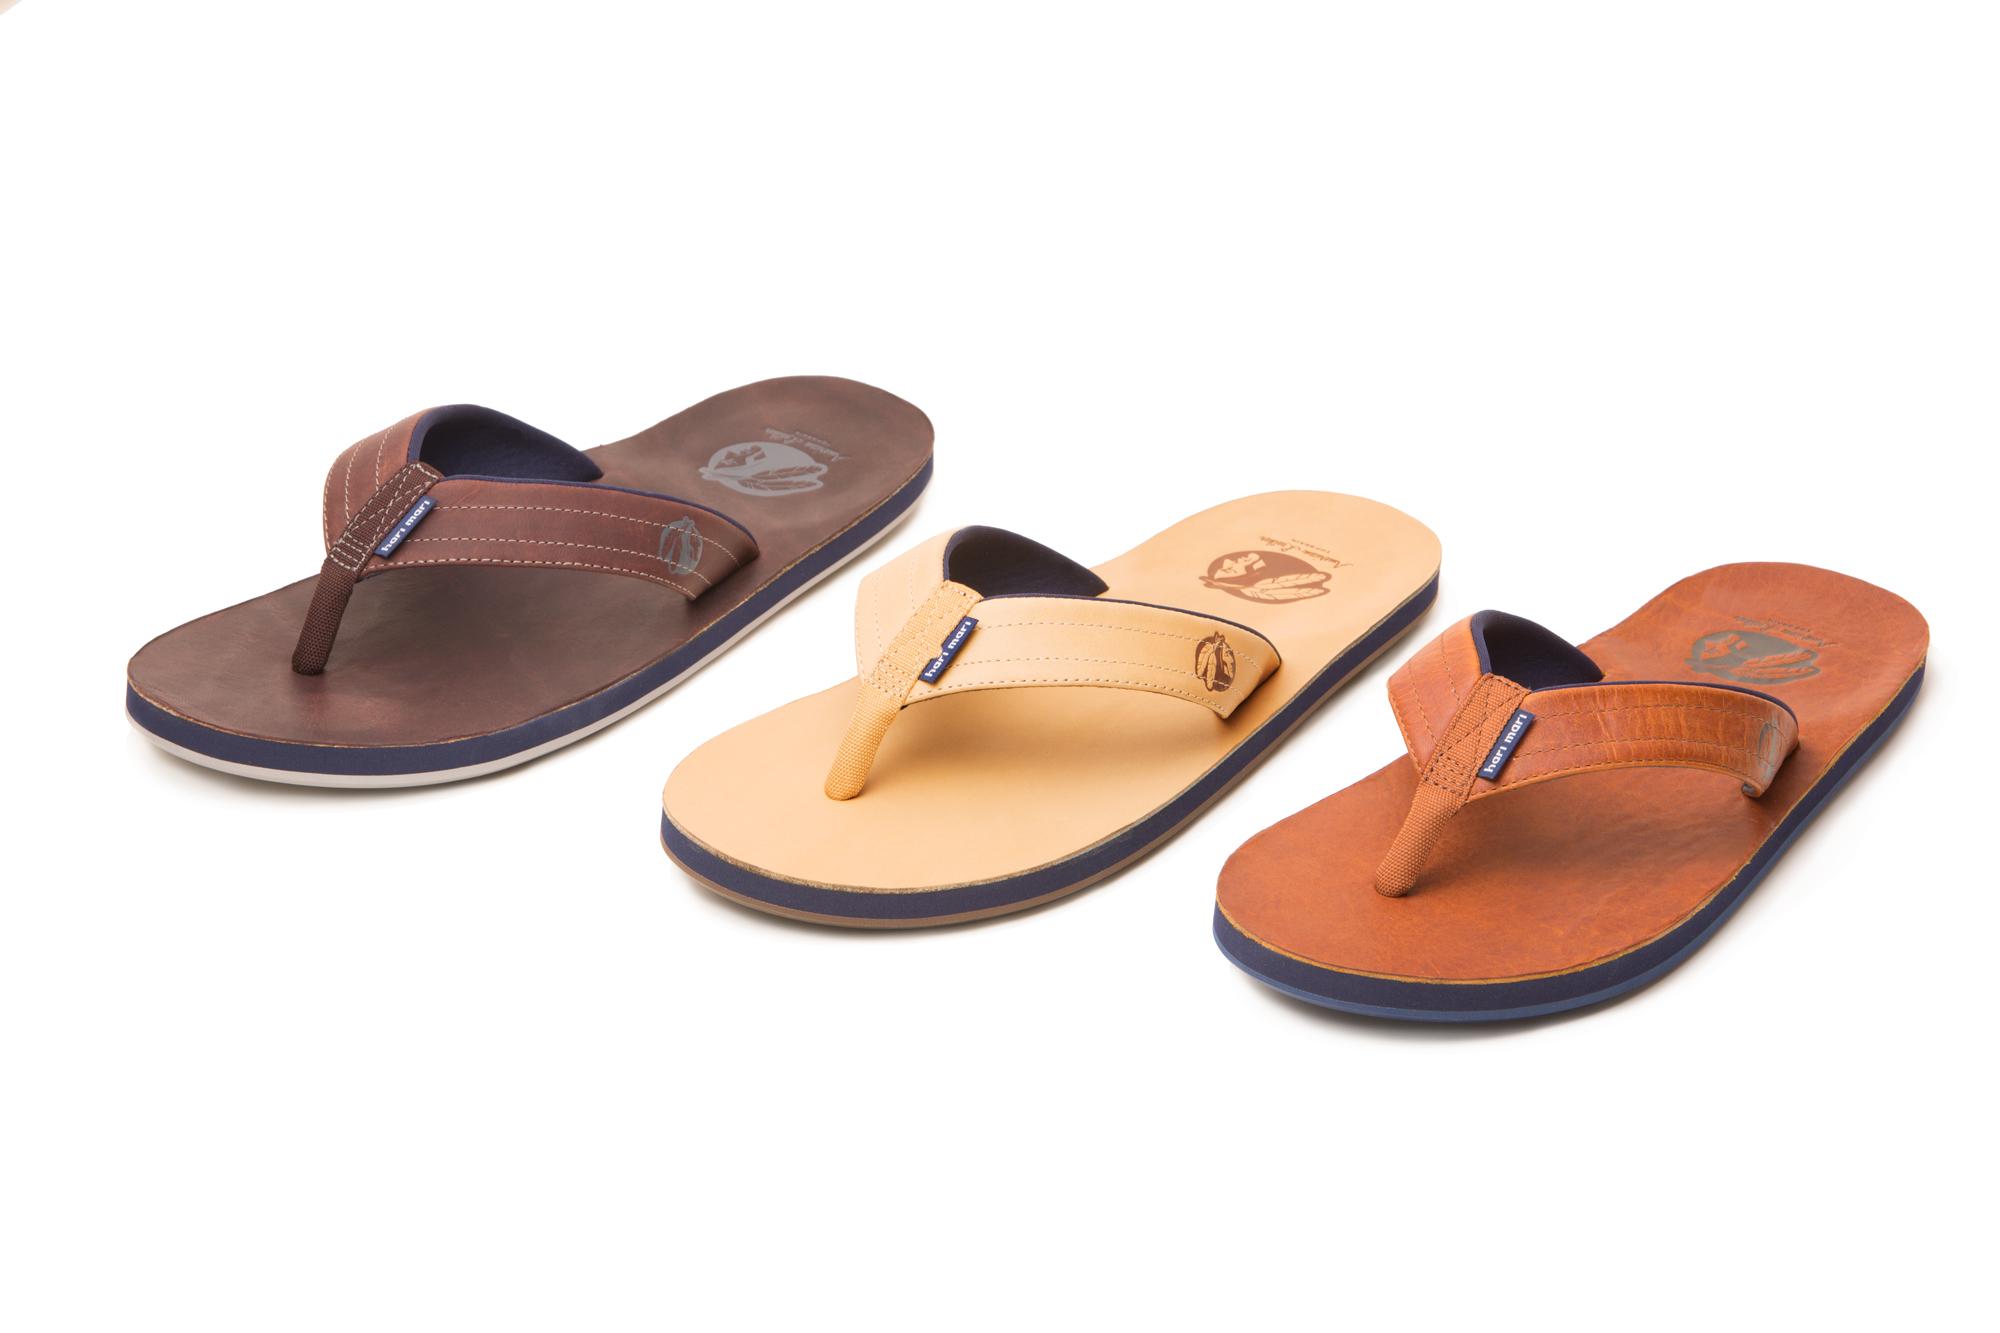 Image of flip flop